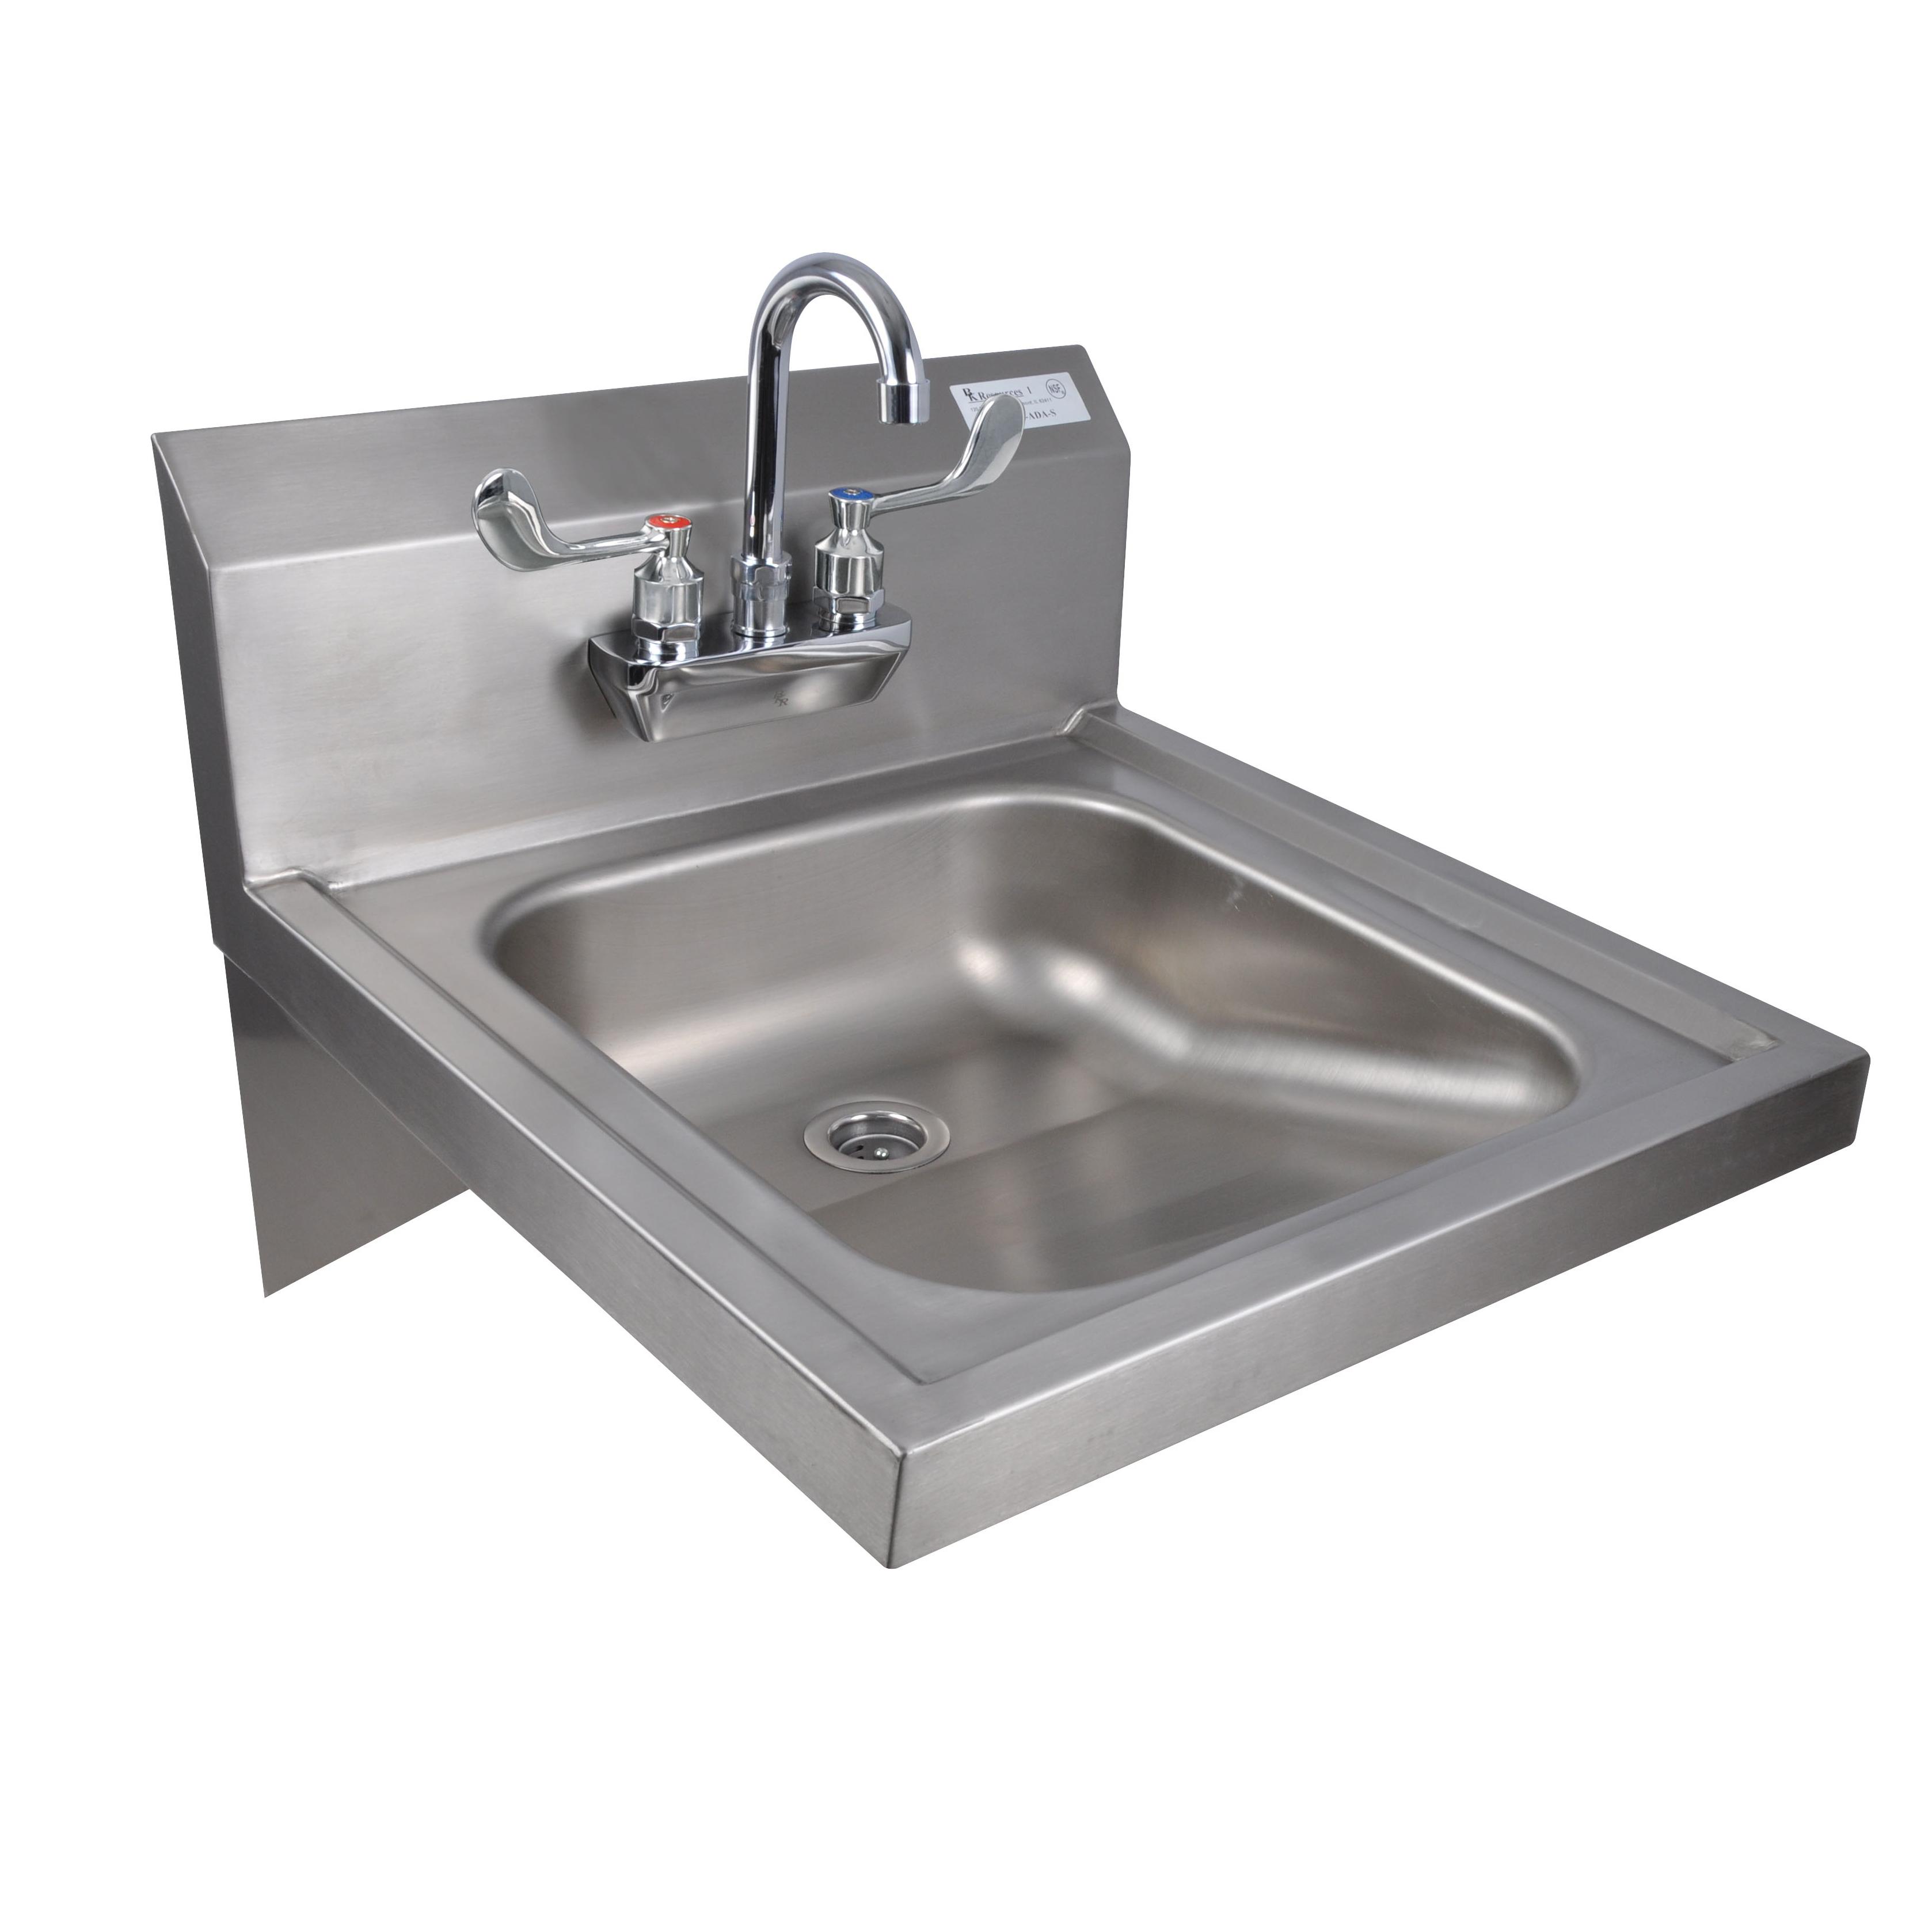 BK Resources BKHS-ADA-S-P-G sink, hand